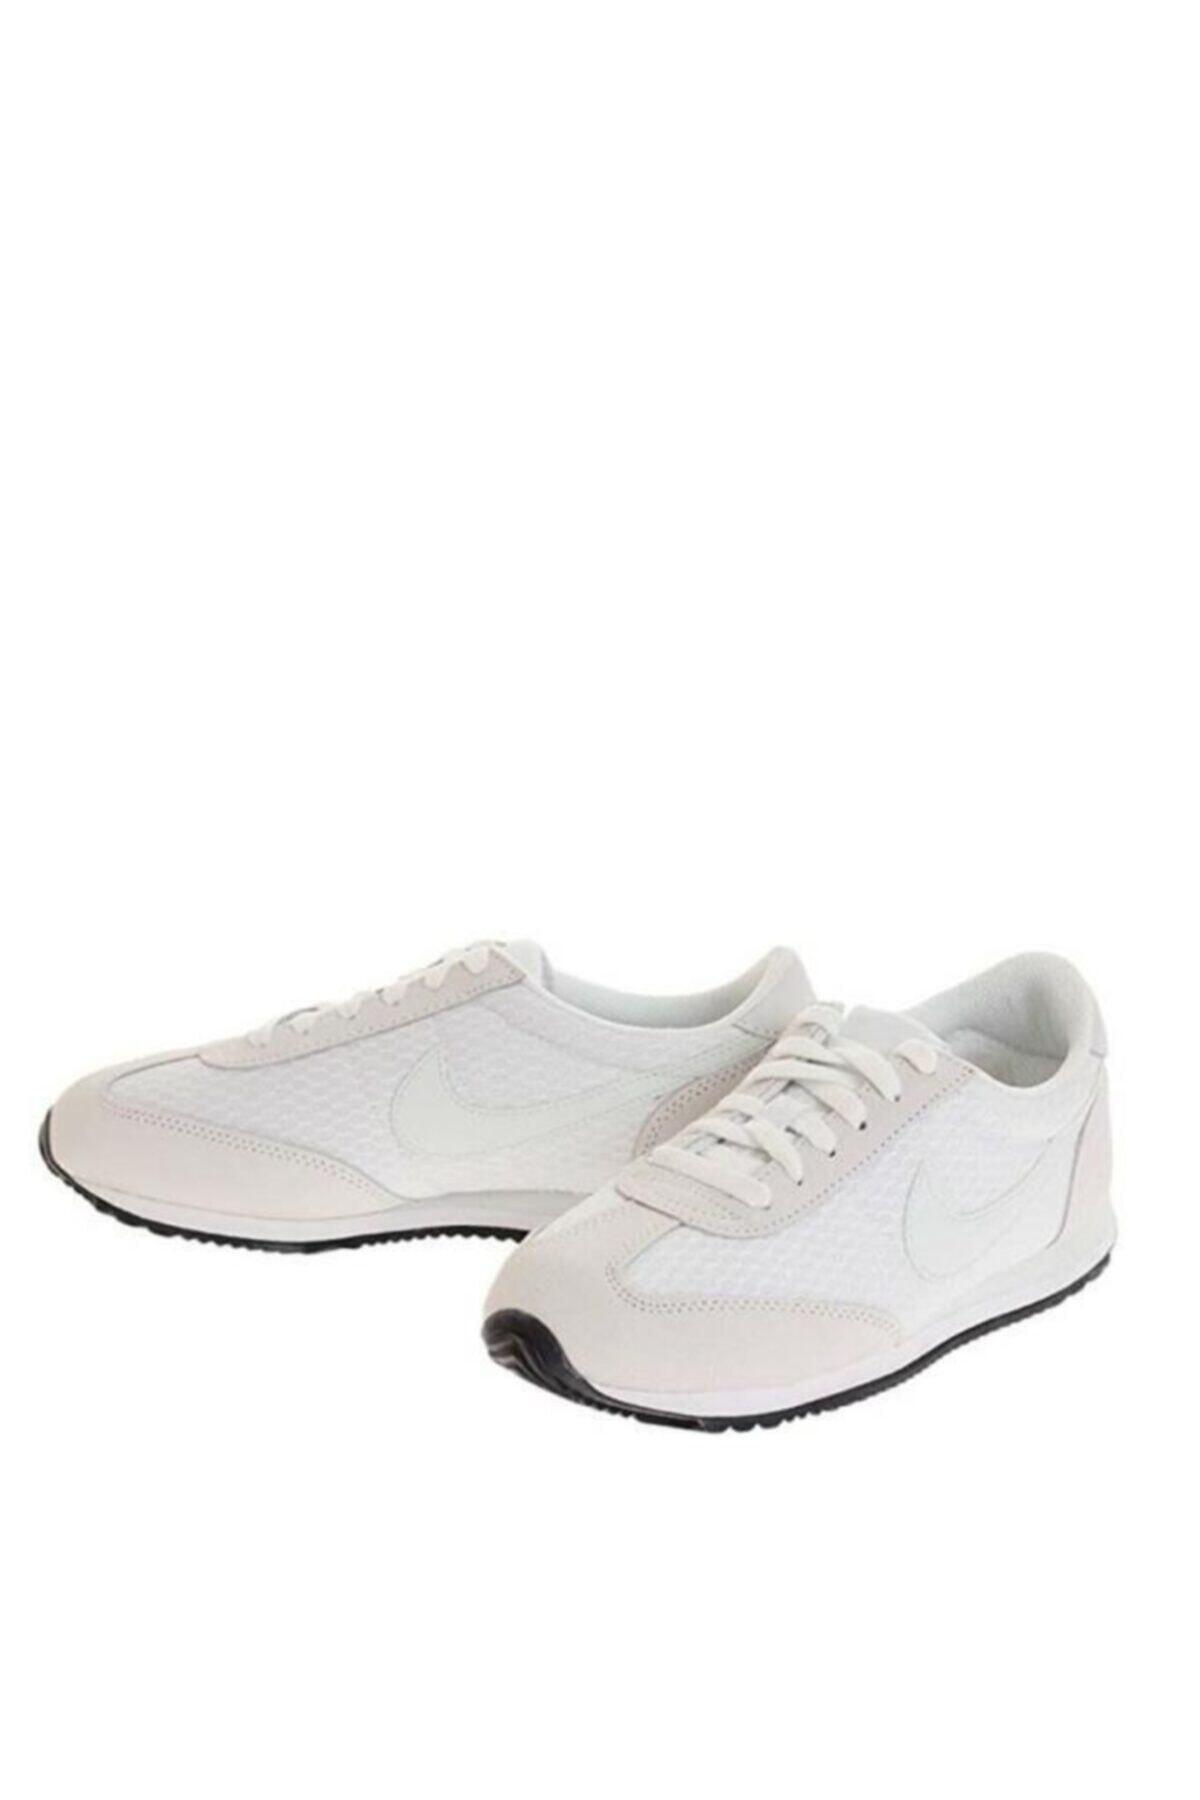 Nike Kadın Beyaz Spor Ayakkabısı 511880-103 2